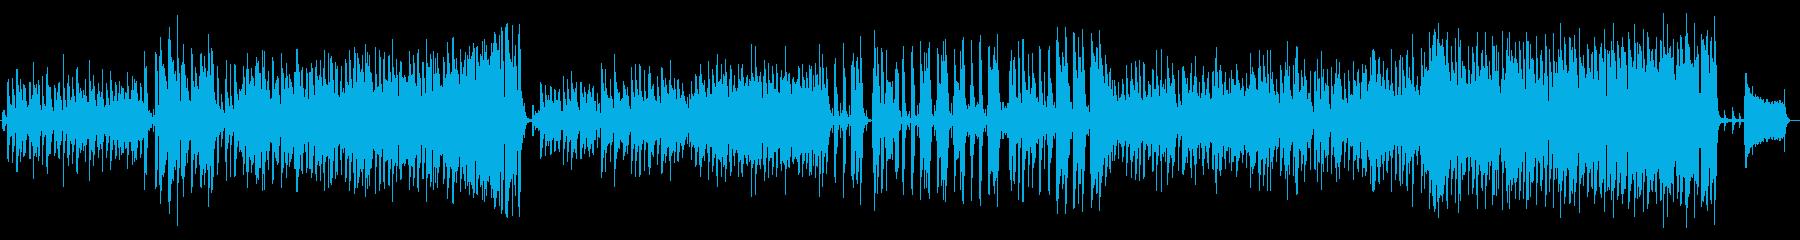 古典的なビッグバンドジャズの再生済みの波形